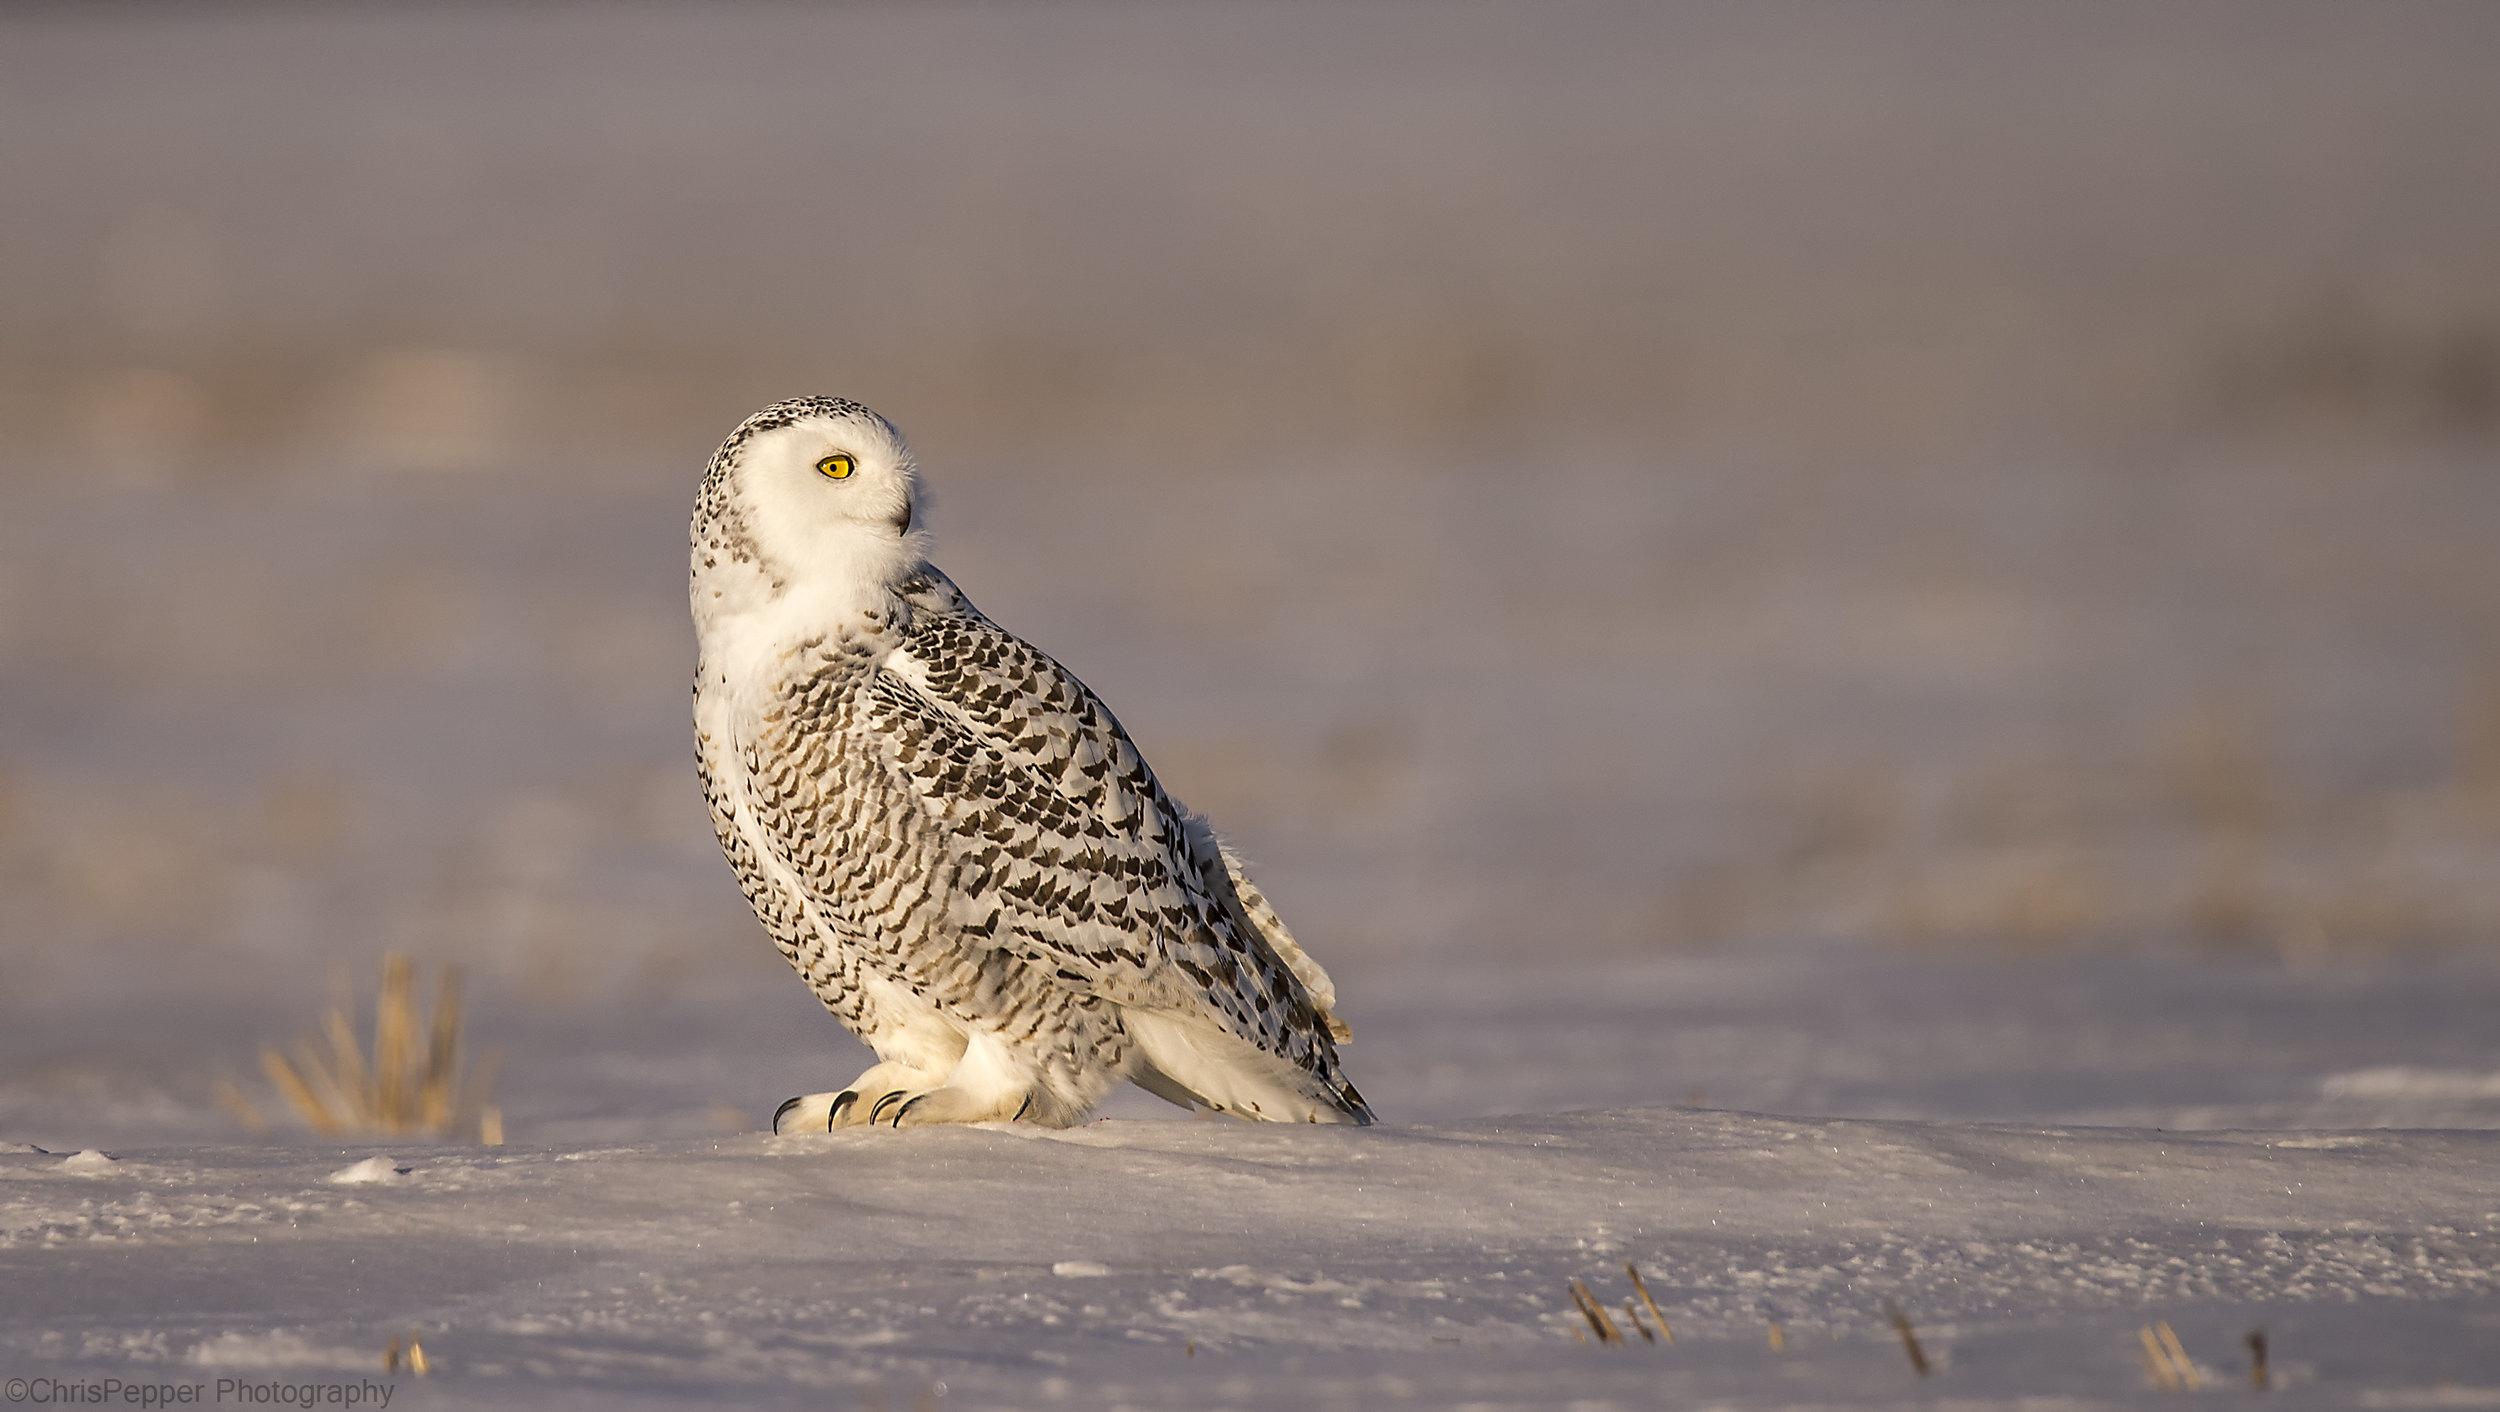 Snowy owl on the mound